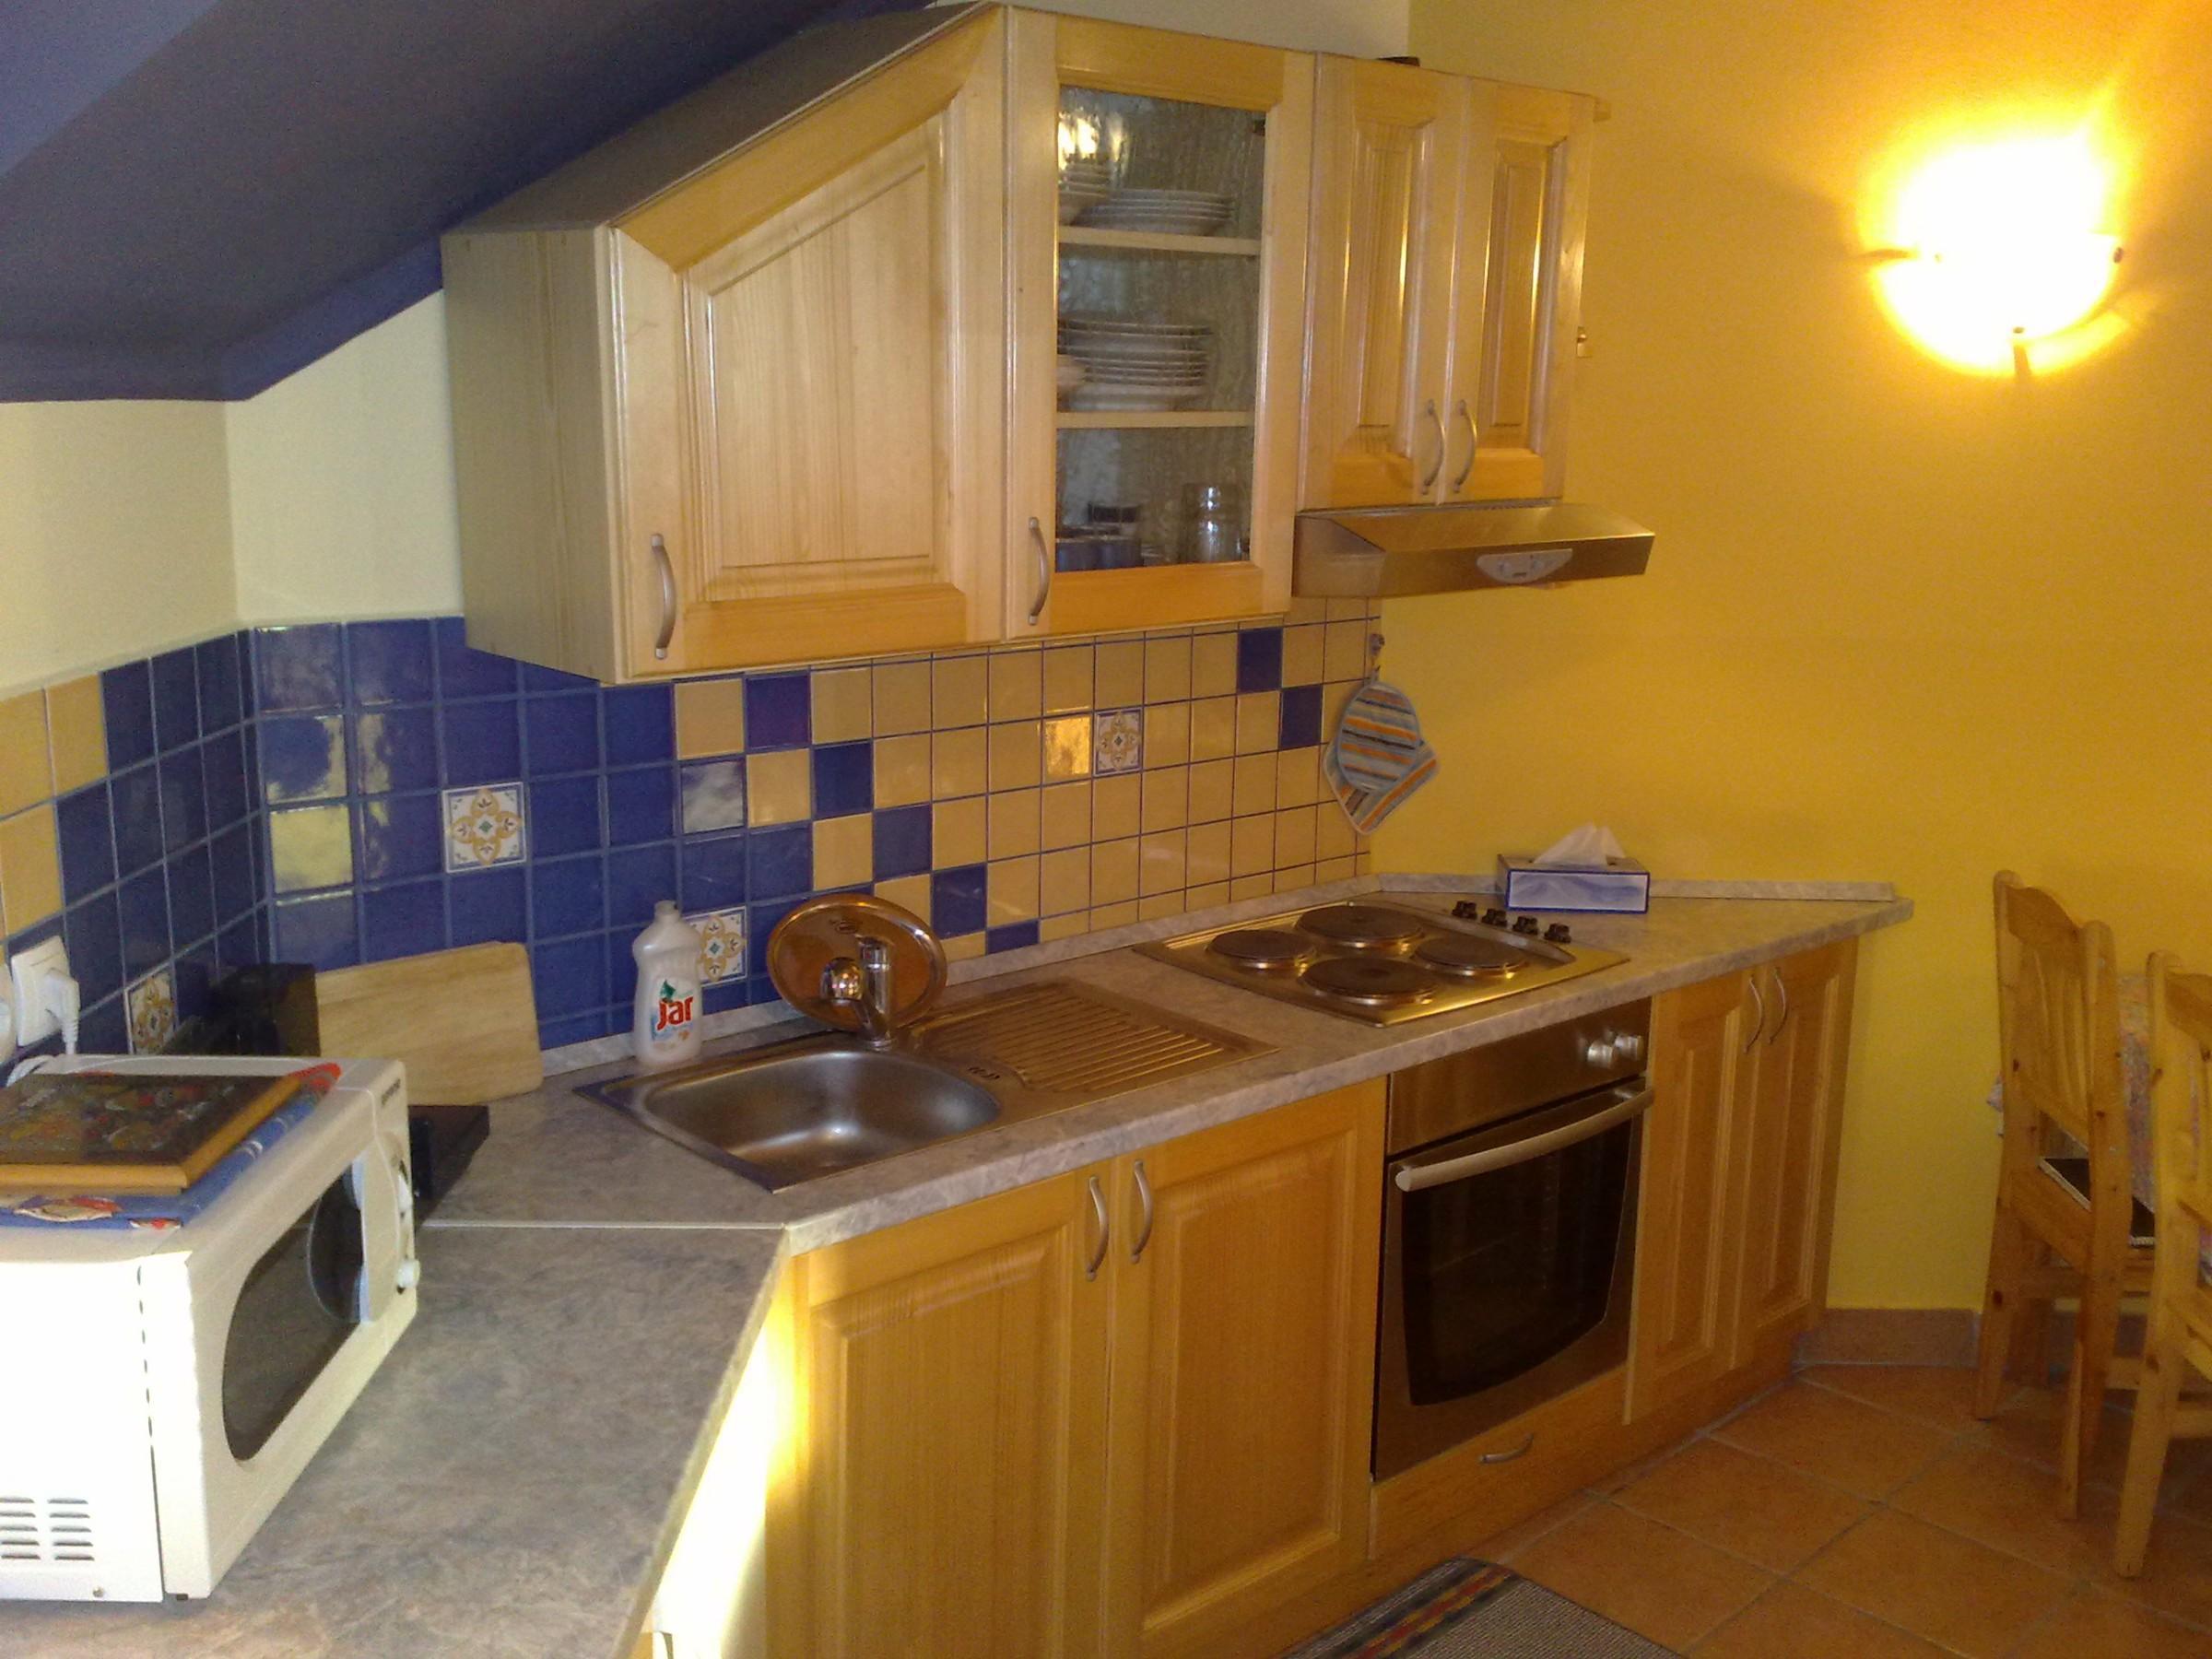 Apartma Kristina-Beli zajec, foto arhiv Kristina, Savinjska dolina